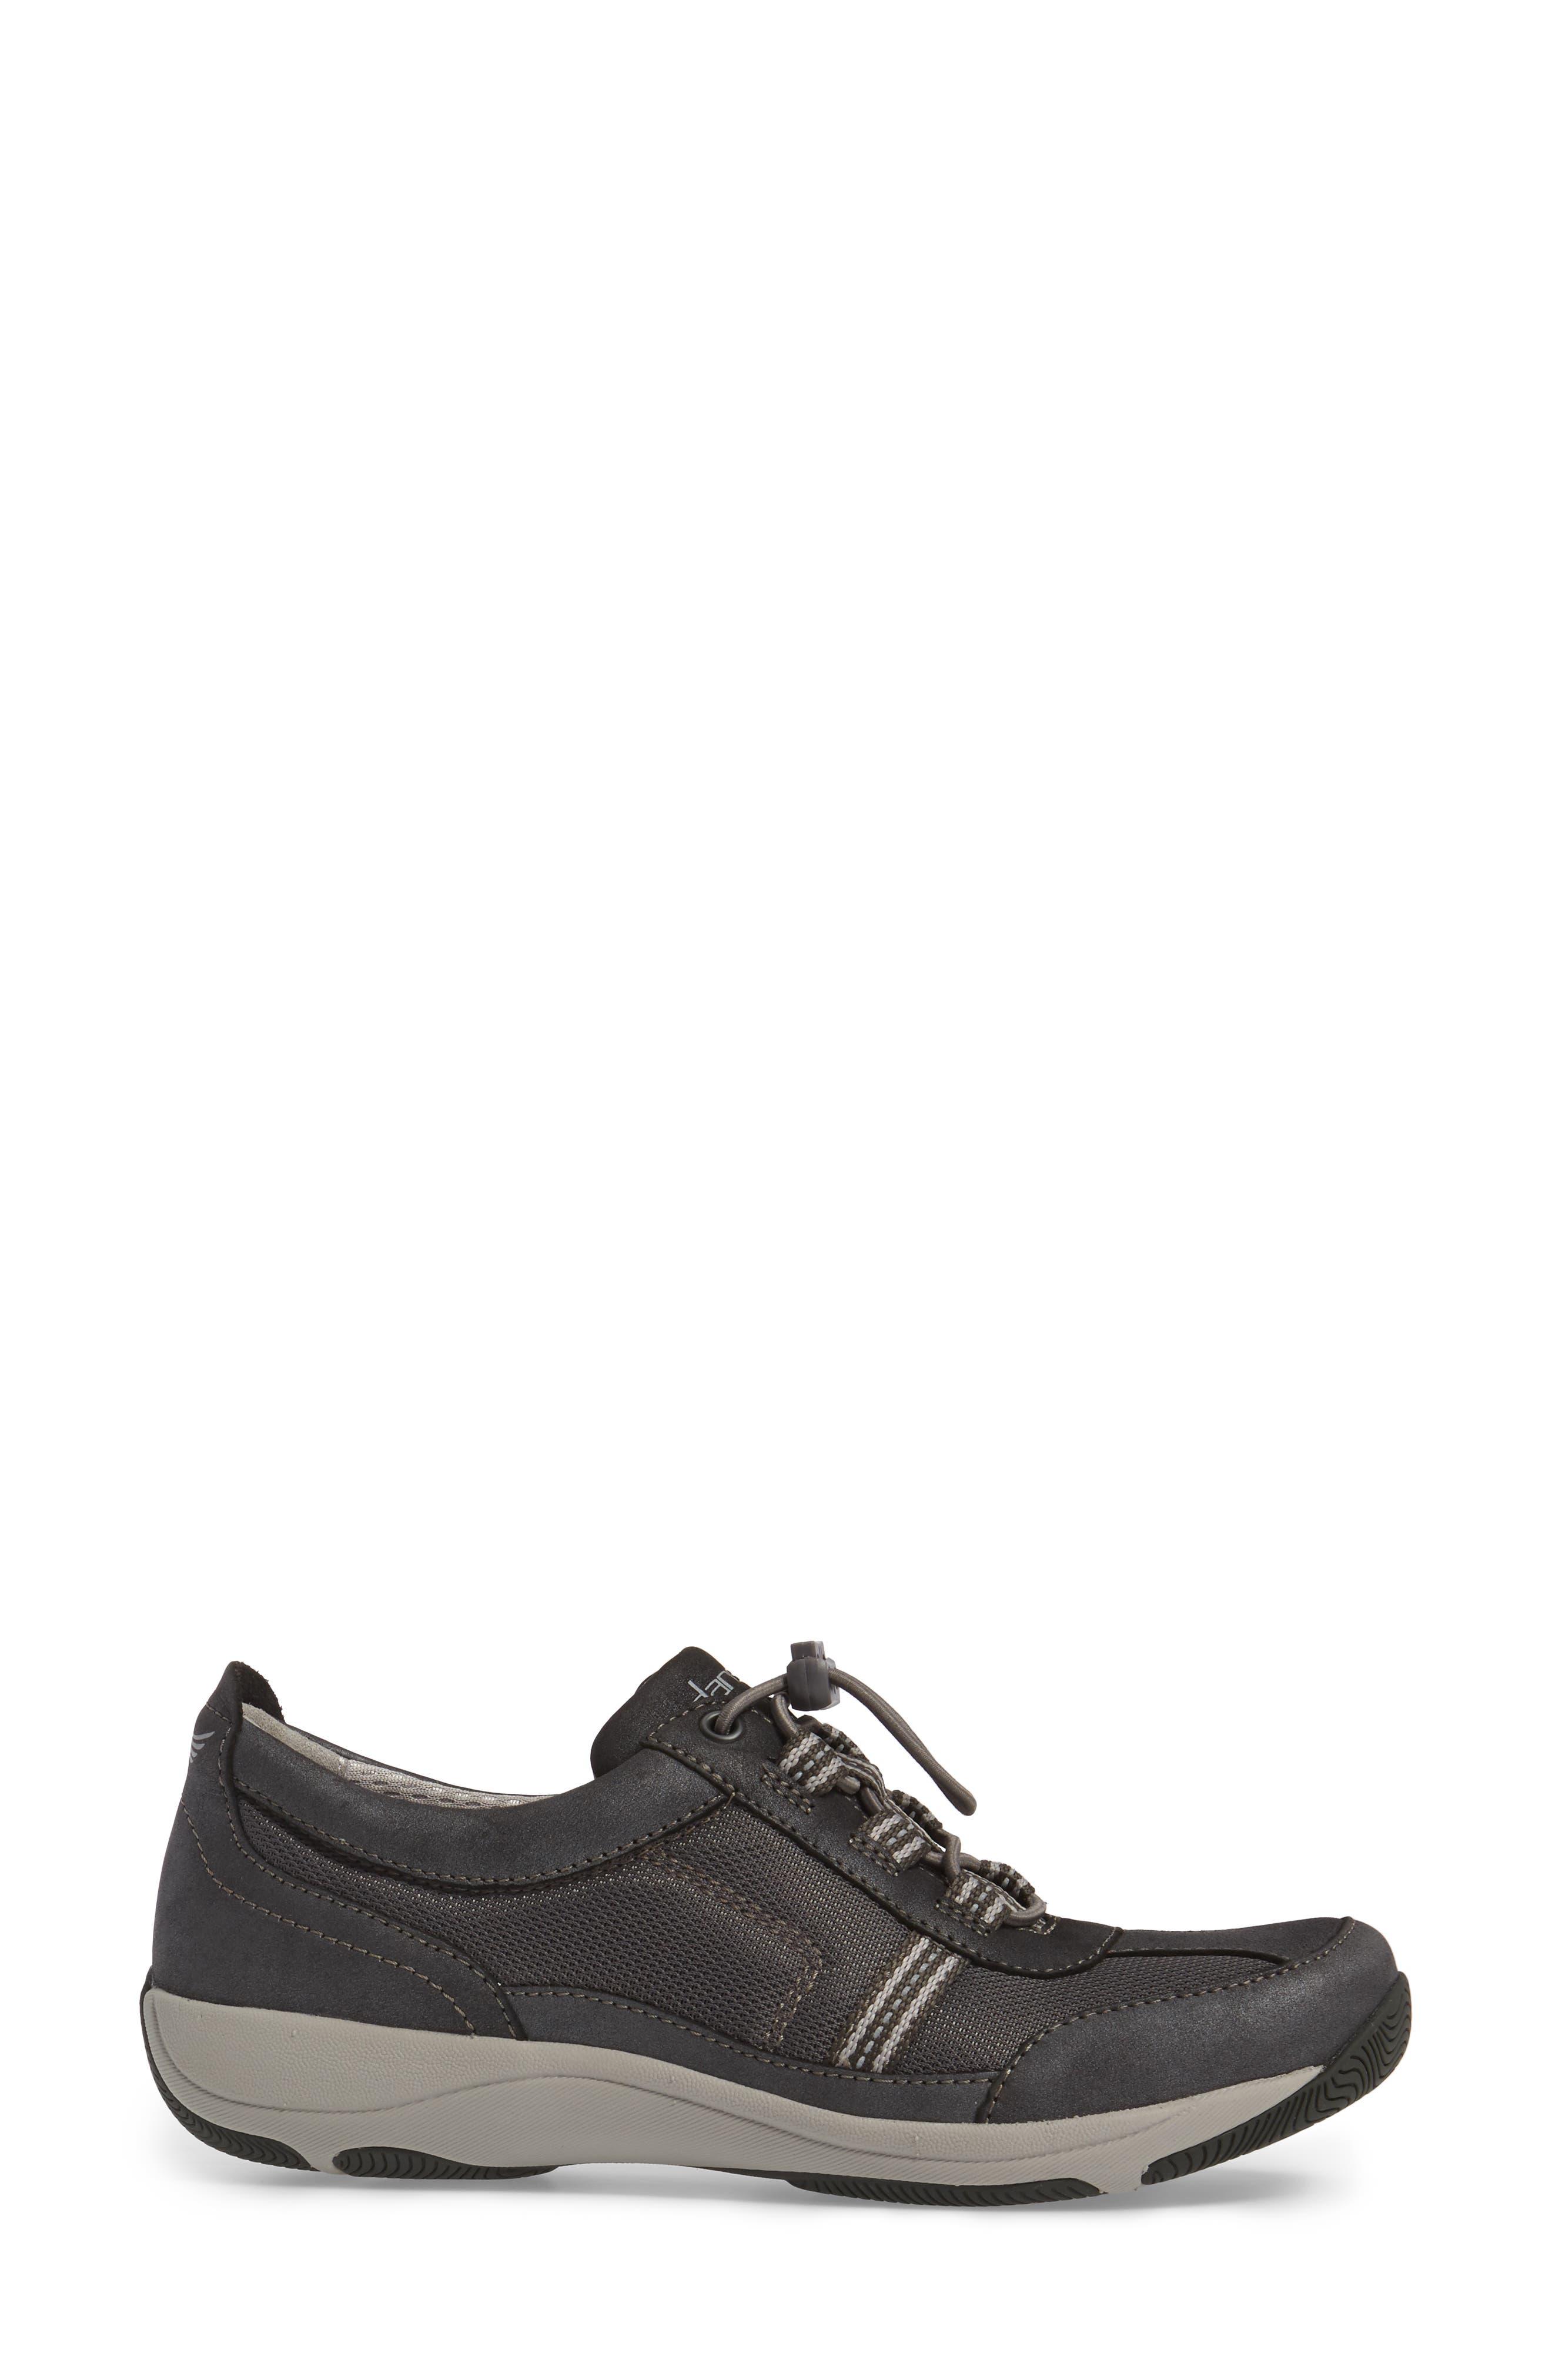 Alternate Image 3  - Dansko 'Helen' Suede & Mesh Sneaker (Women)